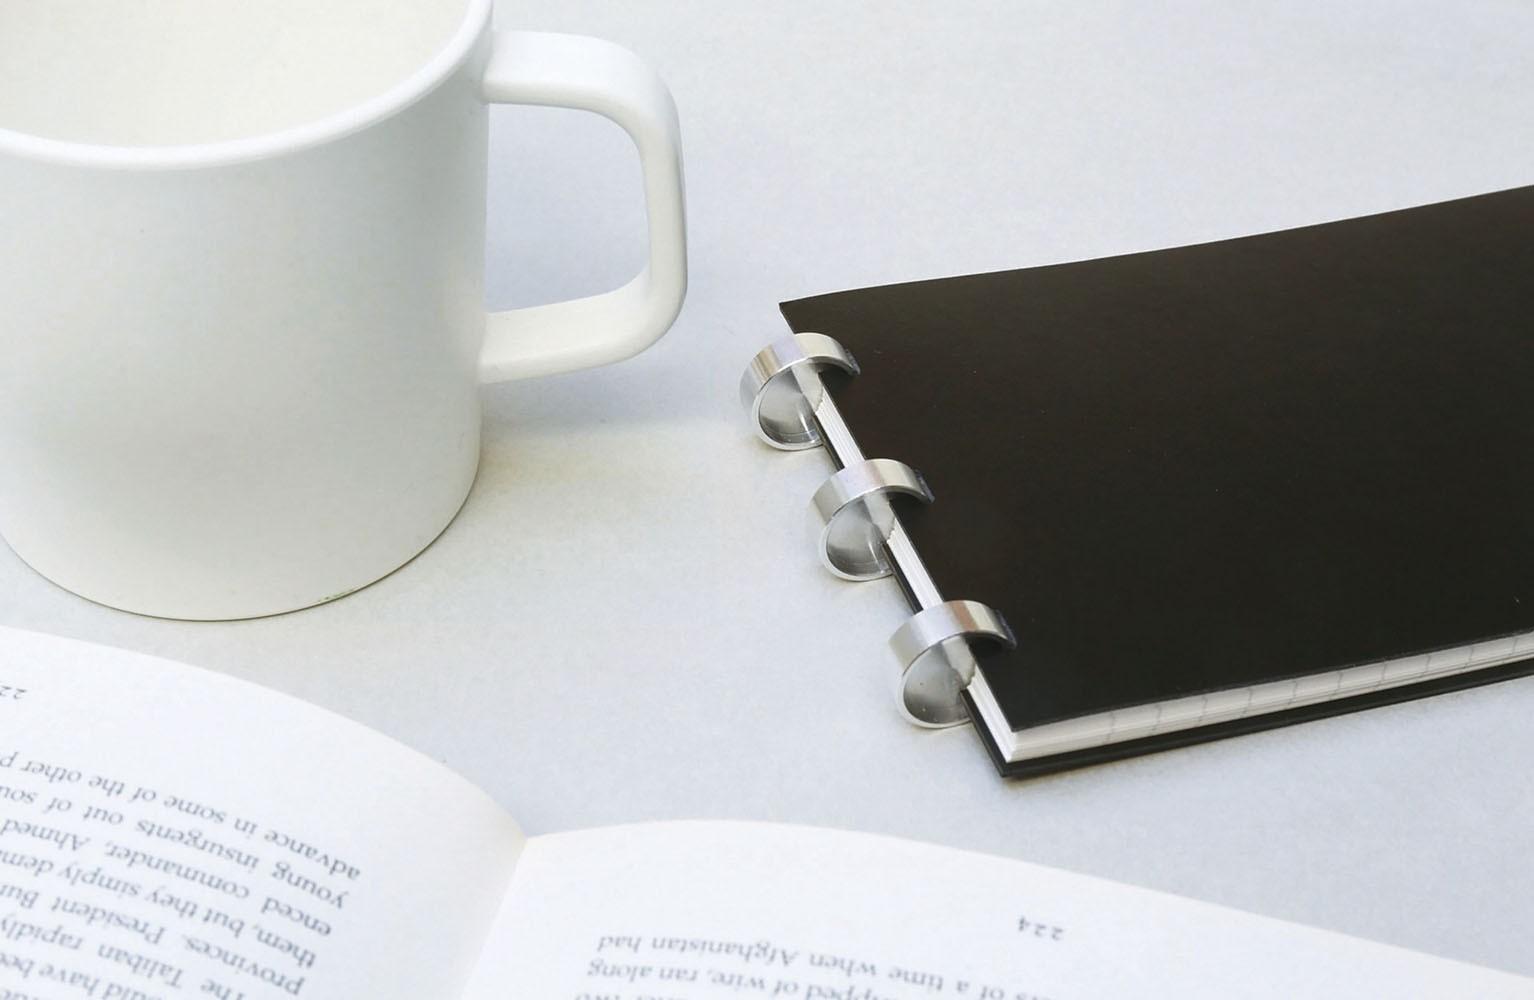 指で押しはめる、手で引き抜くという簡単な操作でページの着脱ができる、ディスクバインド方式のノート。